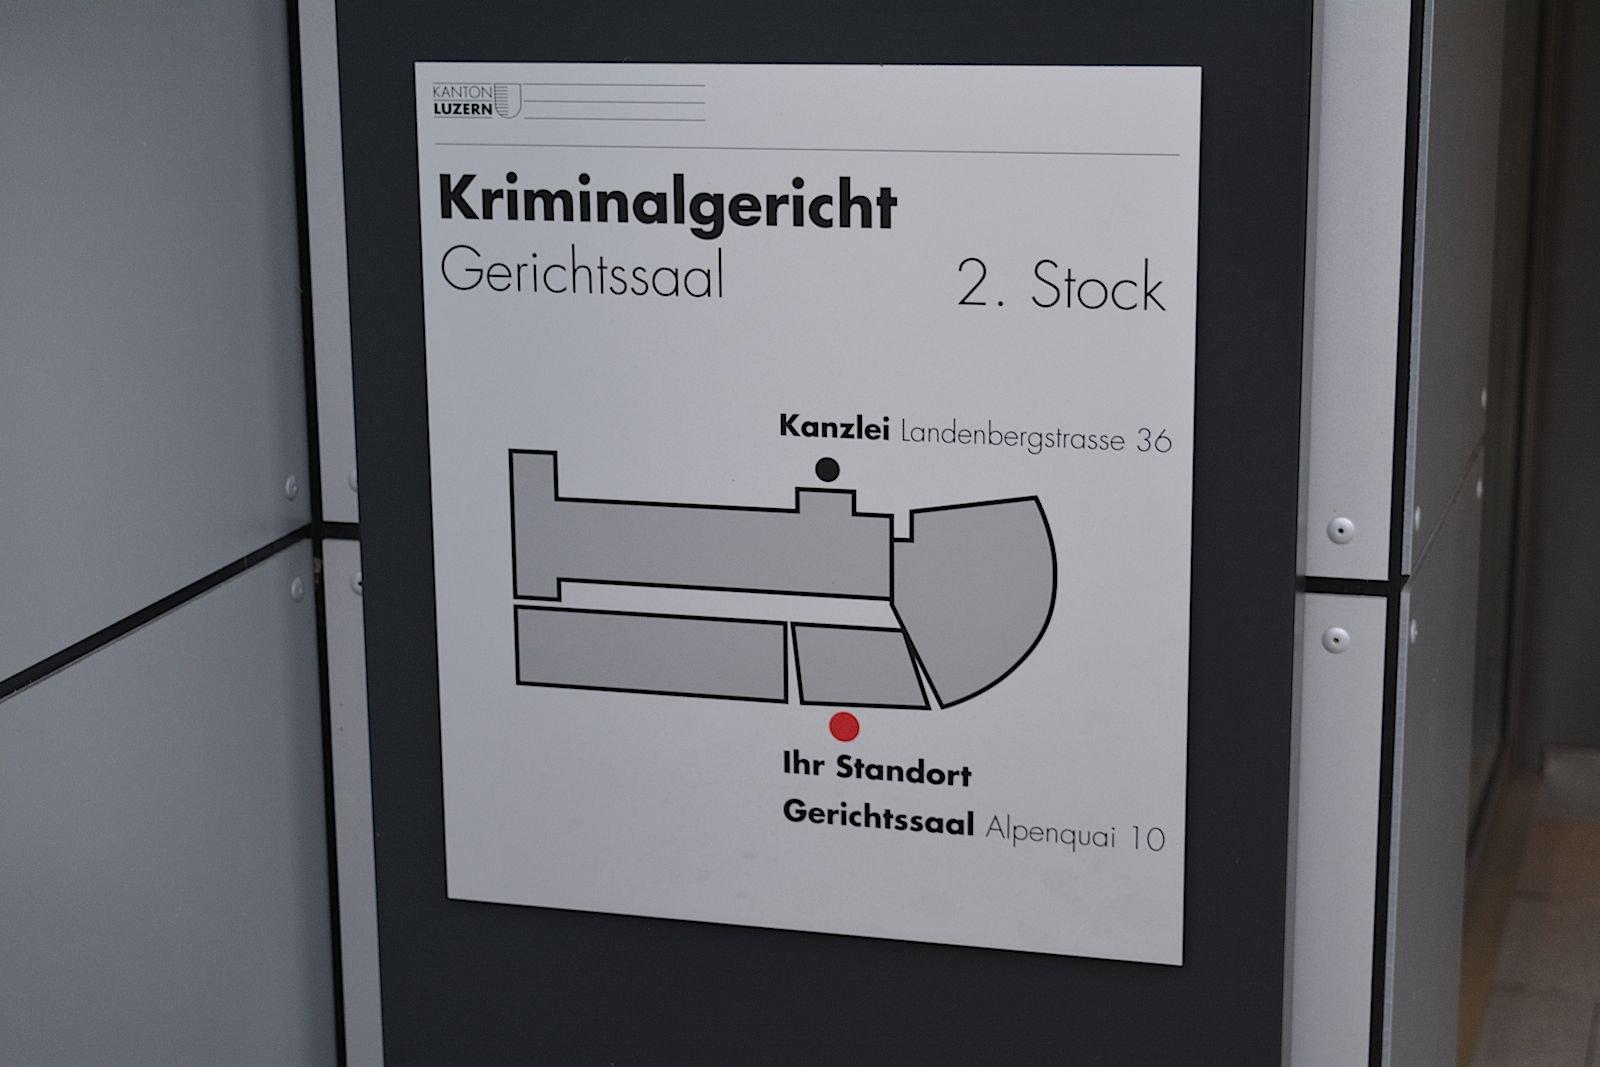 Am Kriminalgericht Luzern fand heute der IT-Prozess statt.